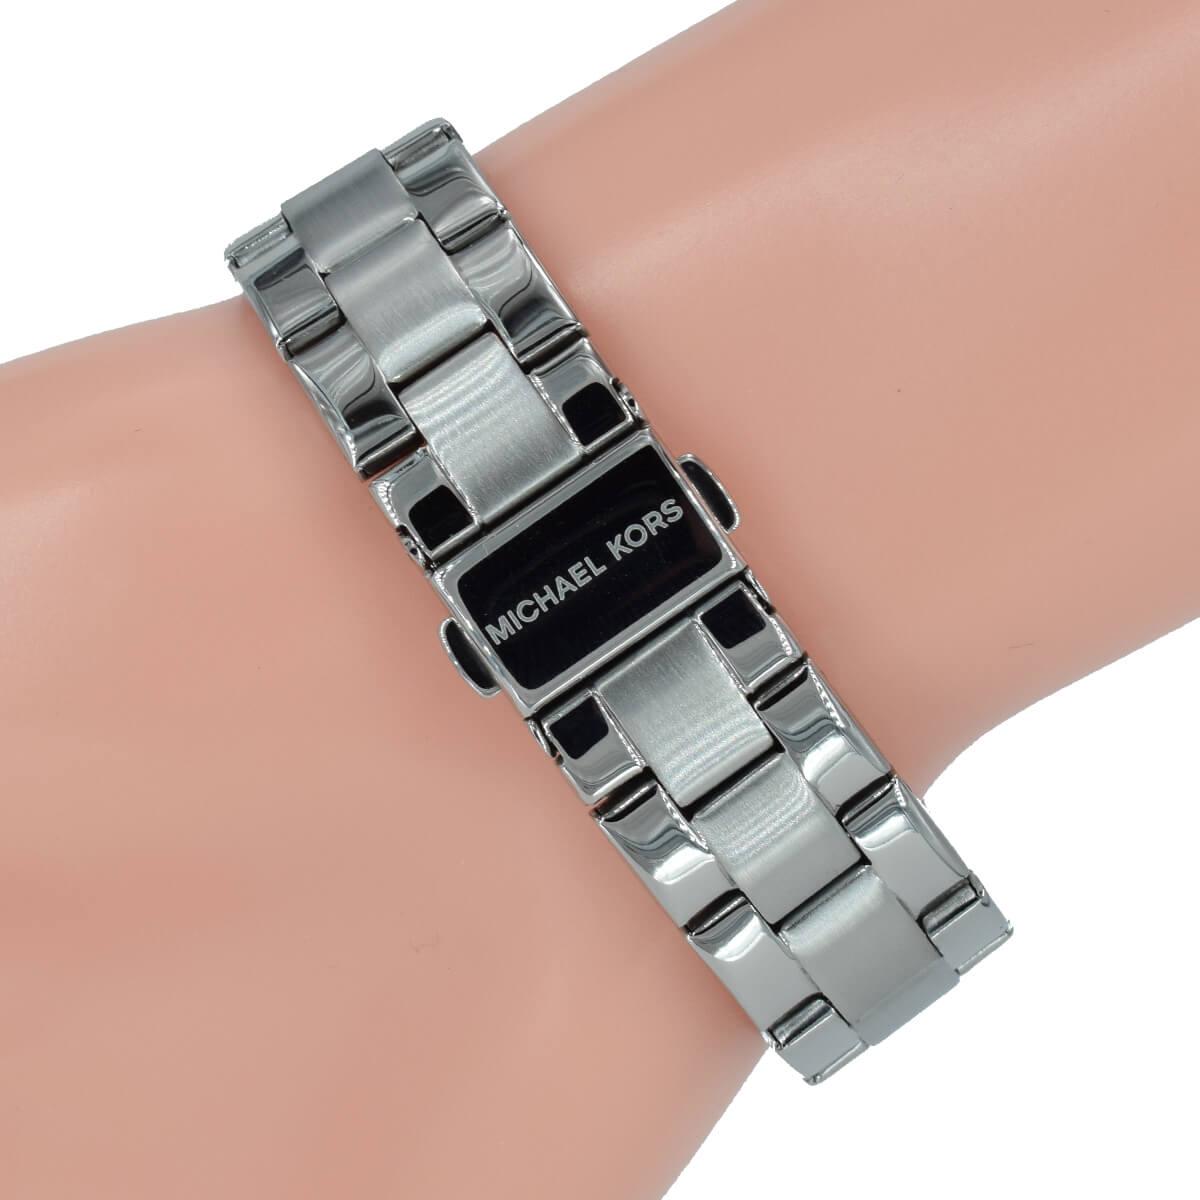 Michael Kors Damen Uhr Smartwatch Access Runway Mkt5044 Silber Armband